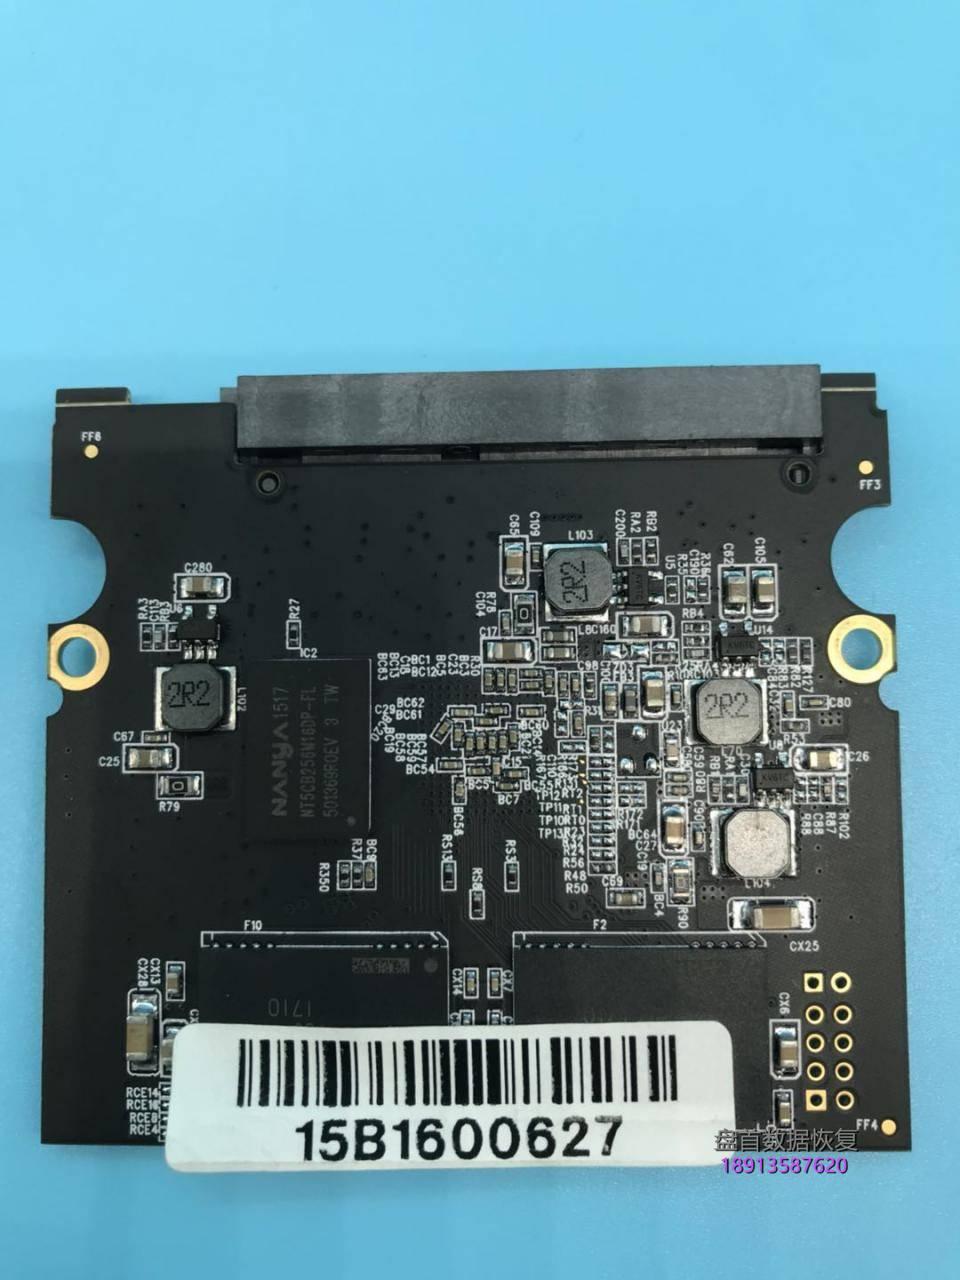 电脑公司同行客户送来一块光威(Gloway)悍将512G SATA3 6G接口SSD固态硬盘数据恢复成功 主控型号为SM2258H掉盘无法识别使用PC3000 SSD数据恢复软件恢复成功 SSD固态硬盘掉线BIOS无法识别 接上PC3000数据恢复软件后无法BSY 电源示波器显示电流为正常0.1A 由此判断固态硬盘为固件损坏使用PC3000 SSD数据恢复软件对硬盘进行翻译器进行虚拟后读取客户的全部重要数据 由于FLASH芯片质量差 恢复过程中硬盘坏块量也是相当大的 前后花费了近30多个小时才将这512G